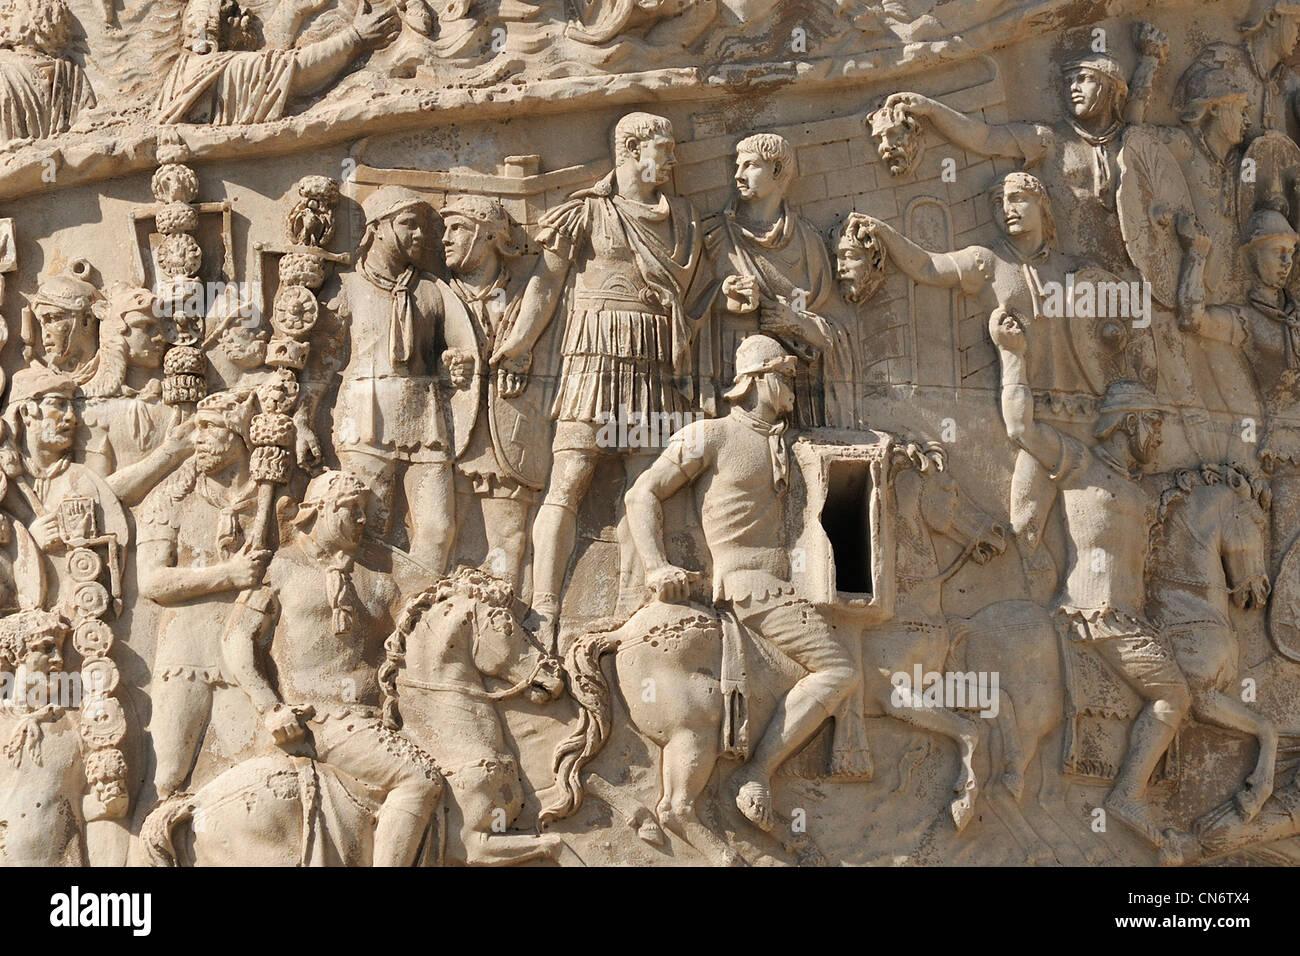 Roma. L'Italia. Colonna di Traiano (AD 113). I dettagli delle scene raffiguranti l'imperatore Traiano le Immagini Stock